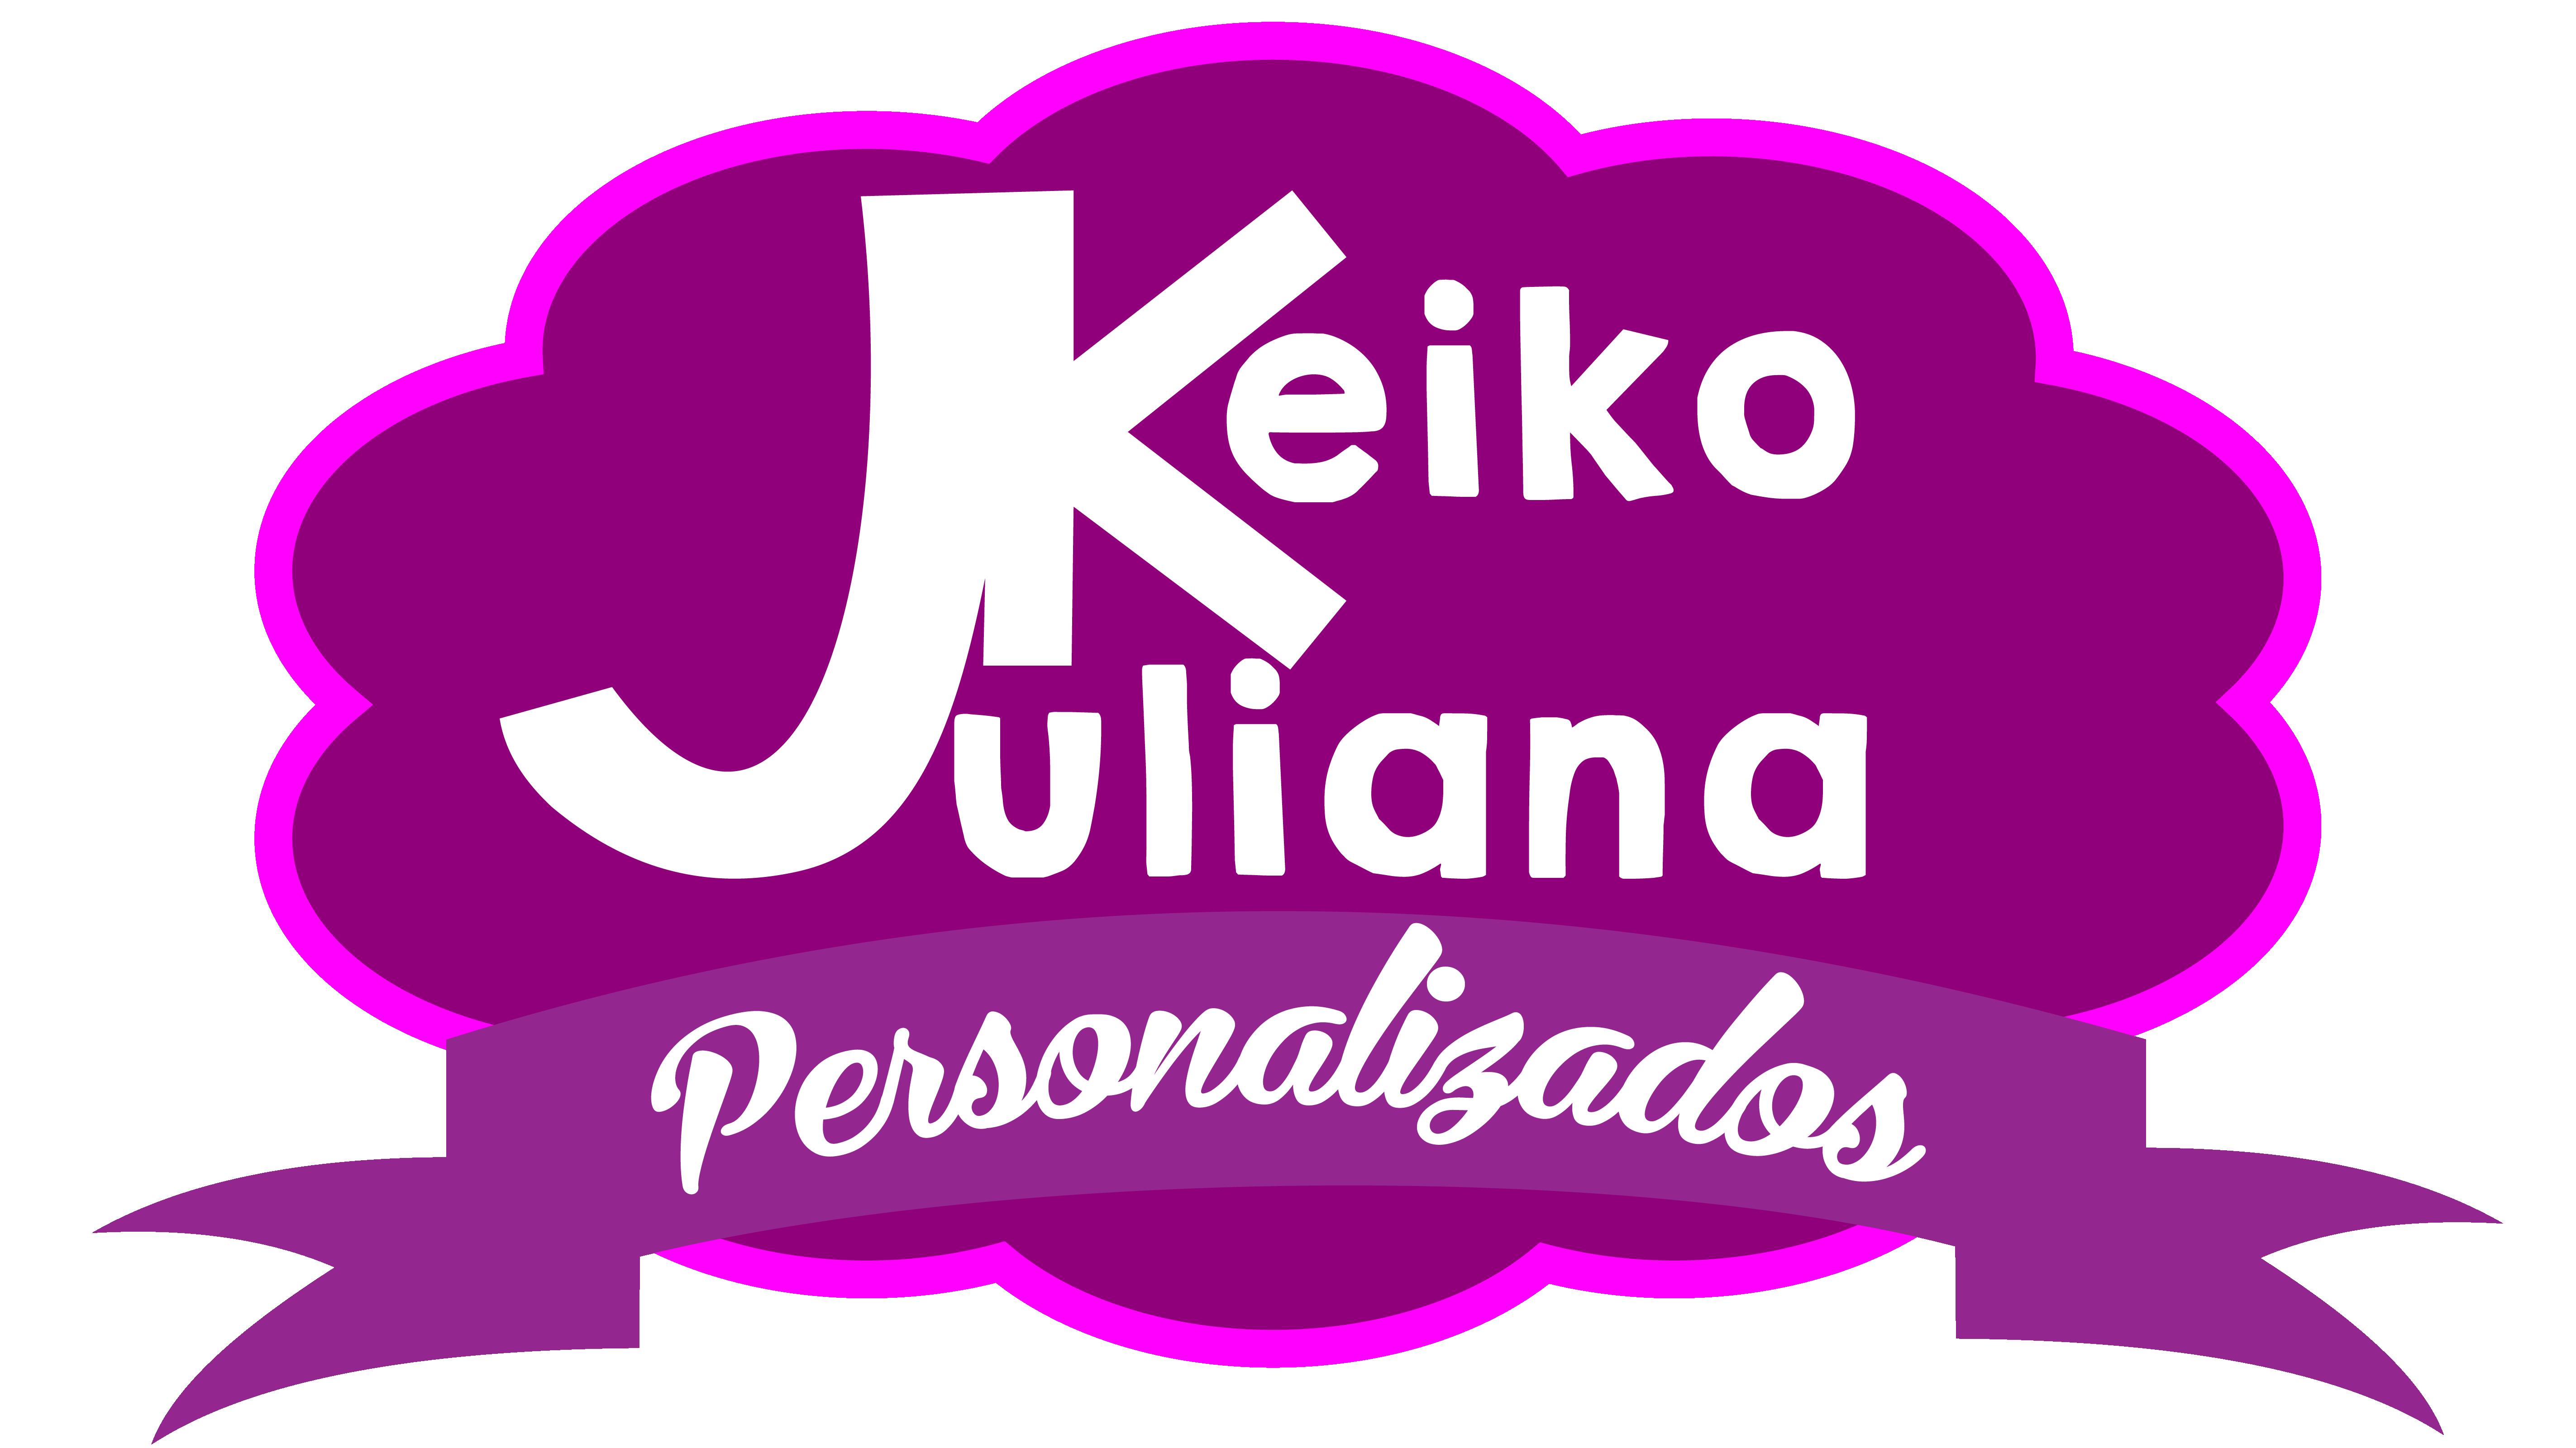 Juliana Keiko Personalizados